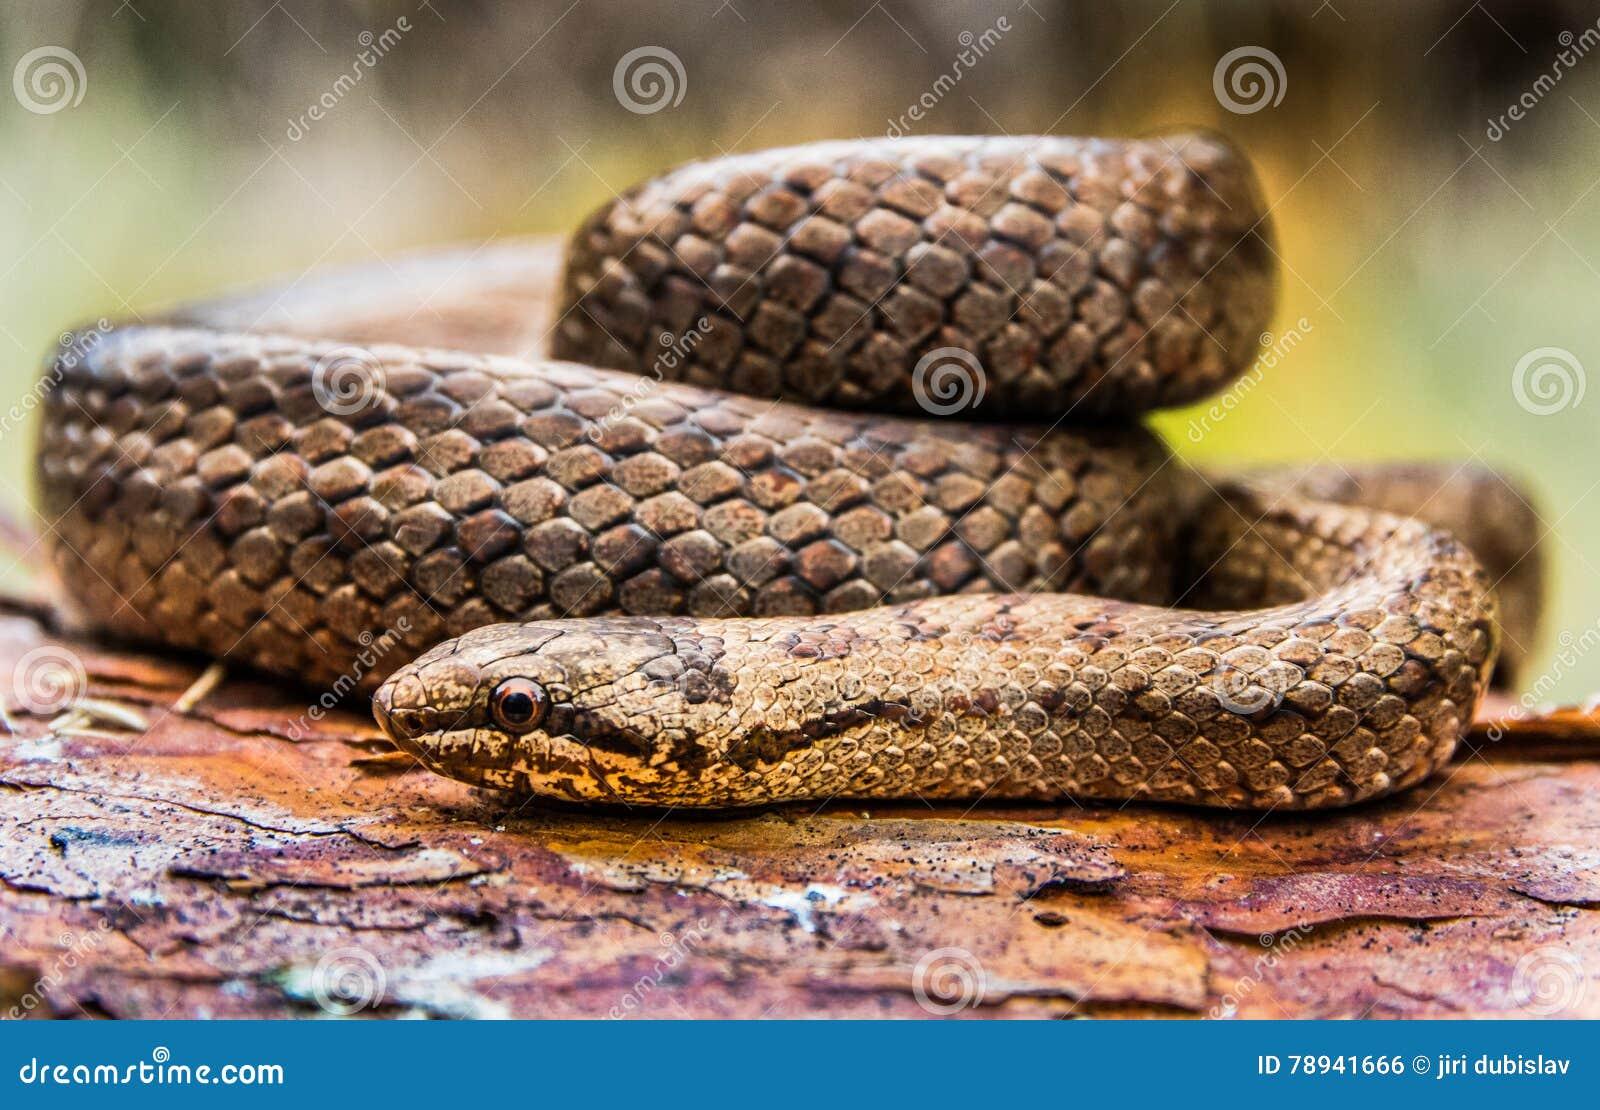 Serpente lisa